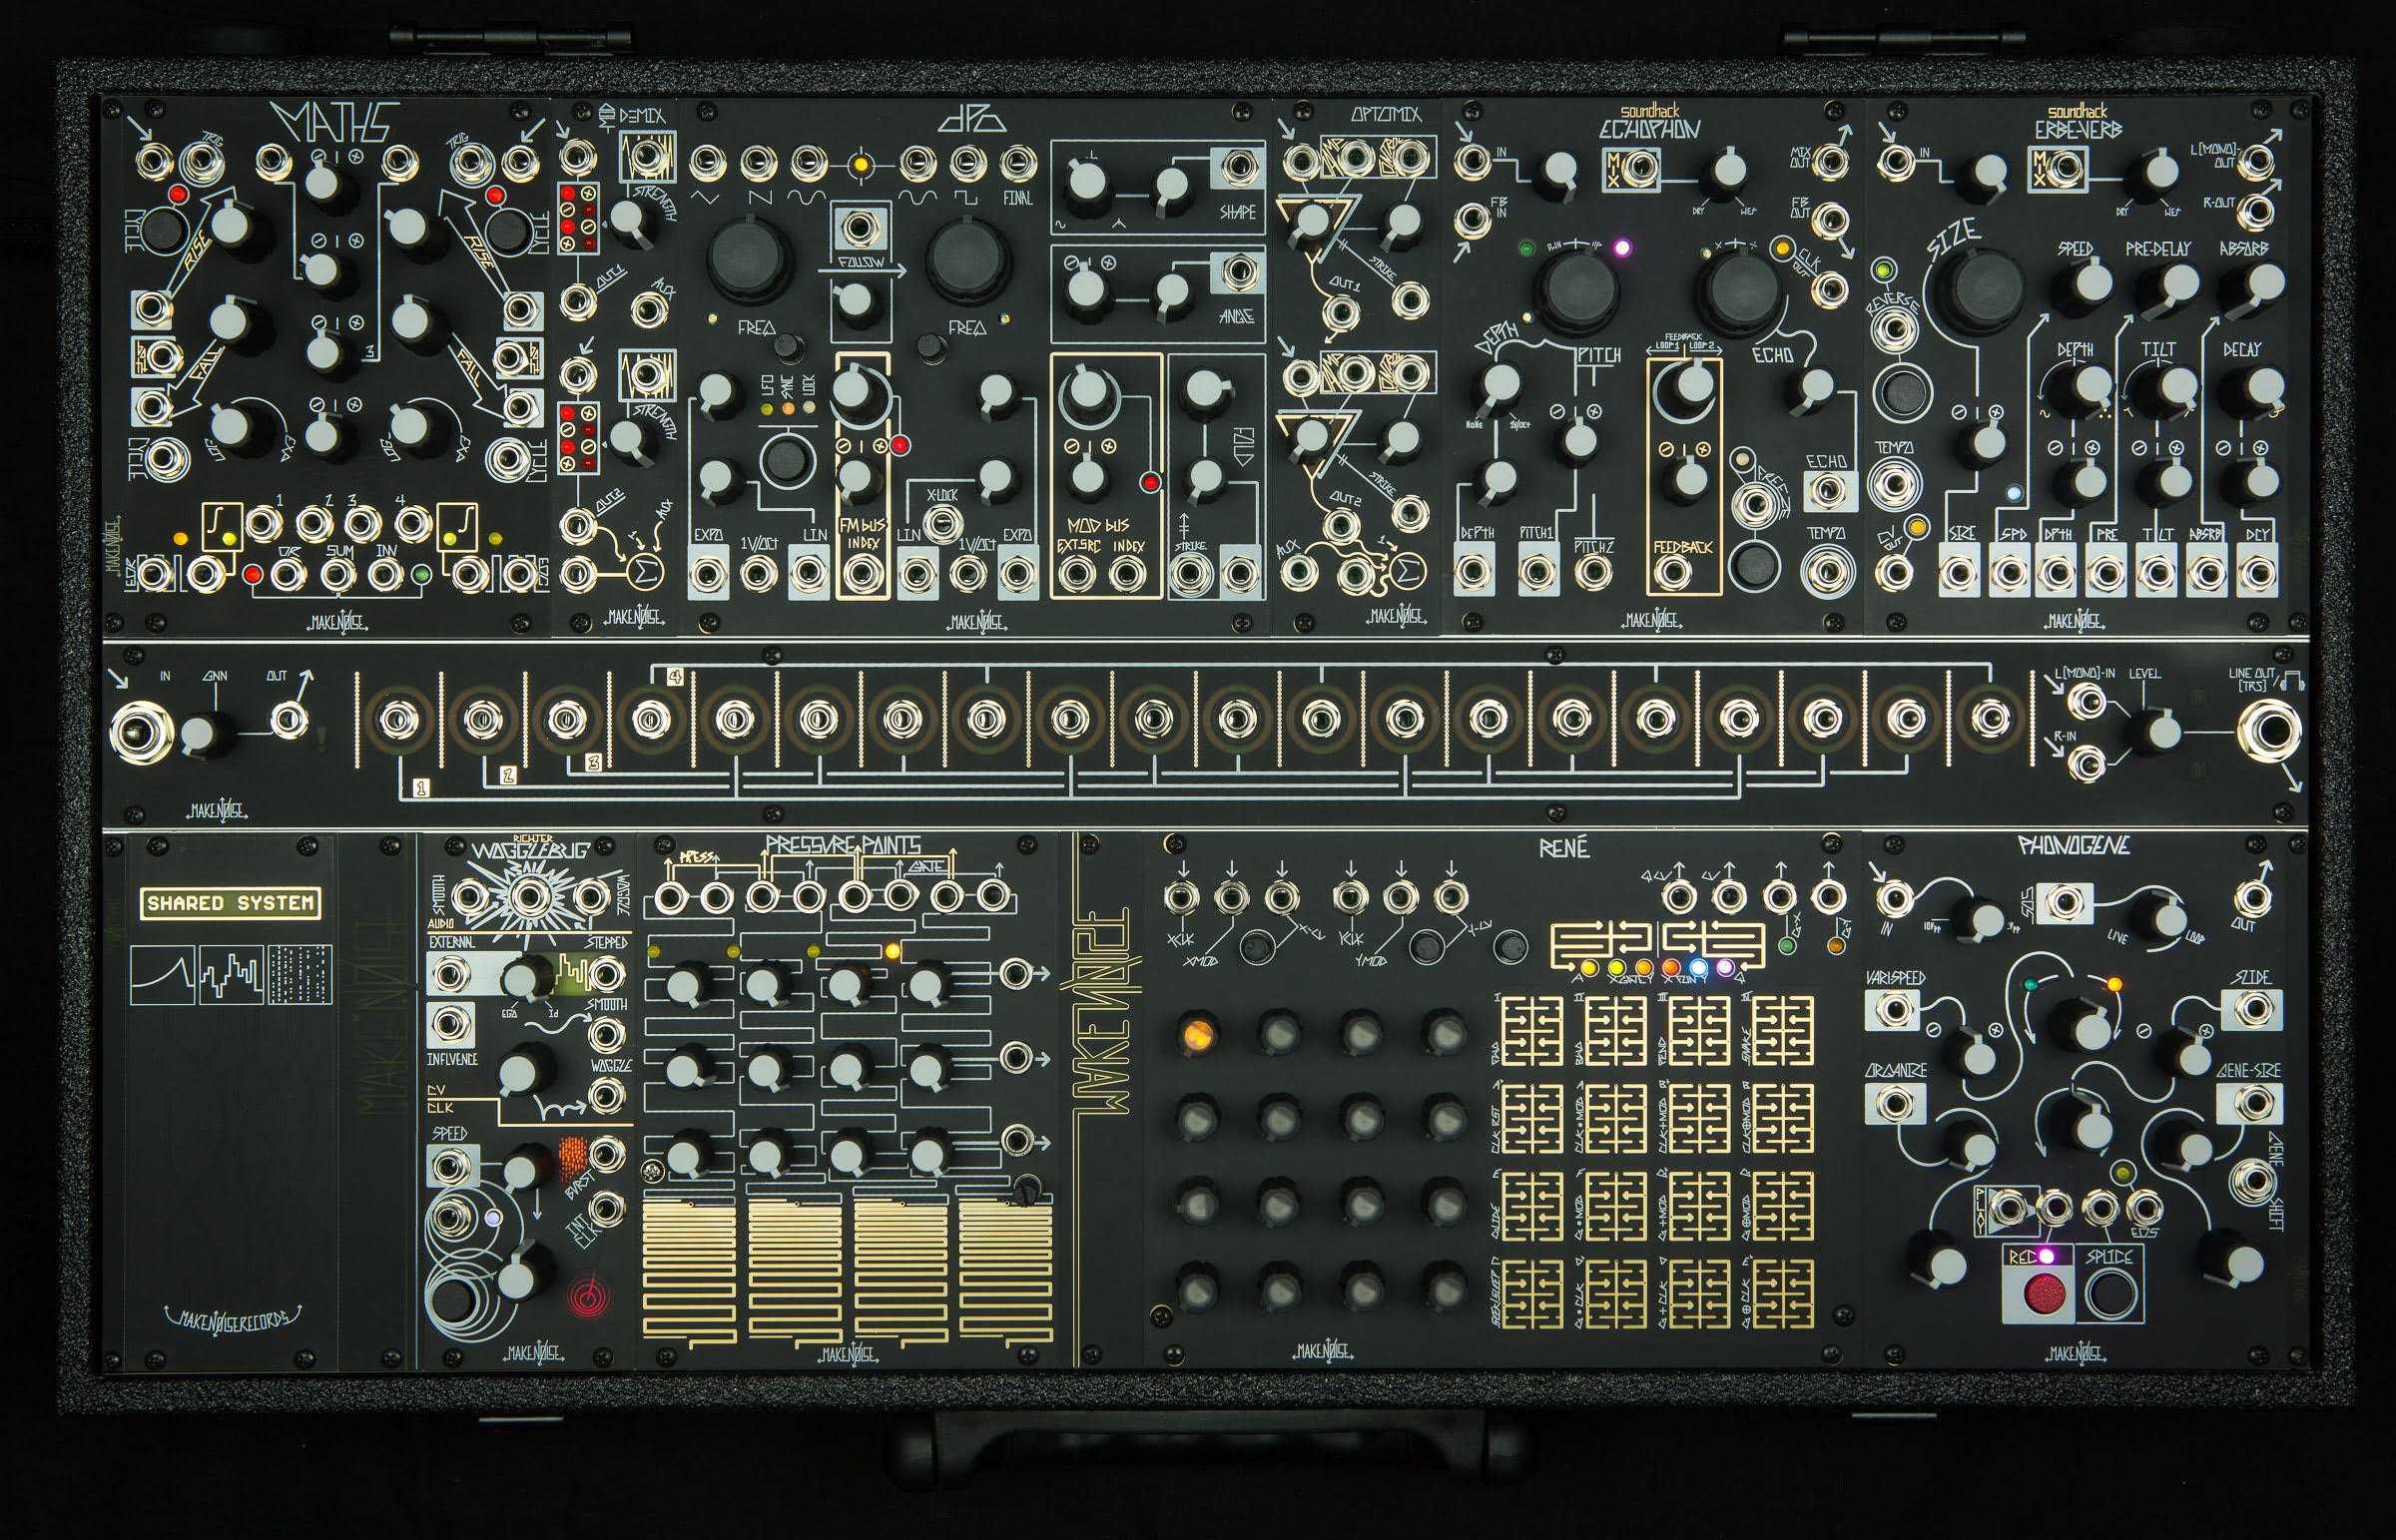 sharedsystemblackgold-4d07ccf8590cba57601372b0ef49c656